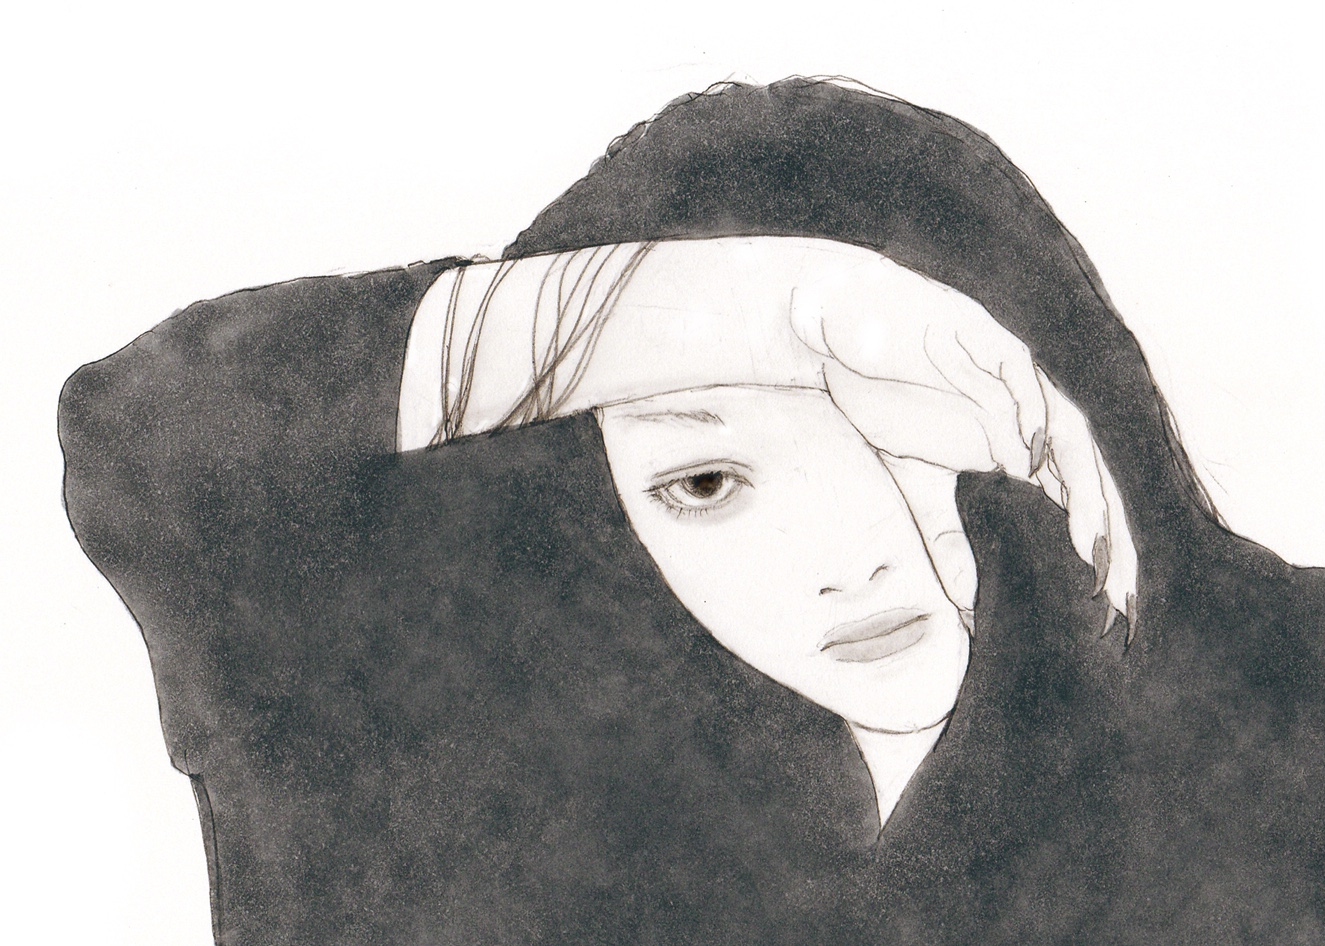 片目で見る女 KATAME